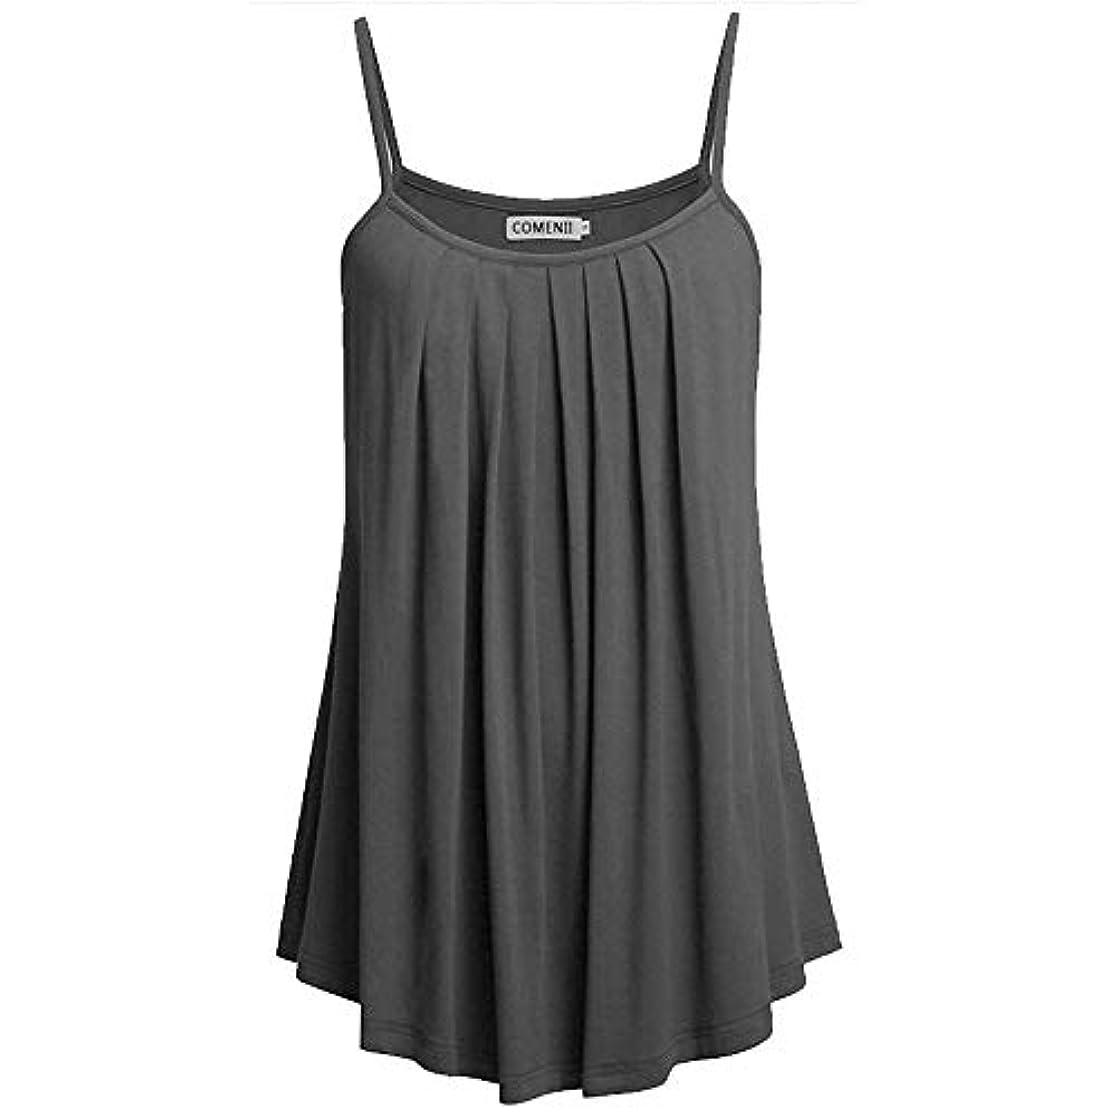 新着退却伝染性のMIFAN ノースリーブトップス、タンクトップ、プラスサイズトップ、サマートップス、女性ブラウス、カジュアルシャツ、トップス&Tシャツ